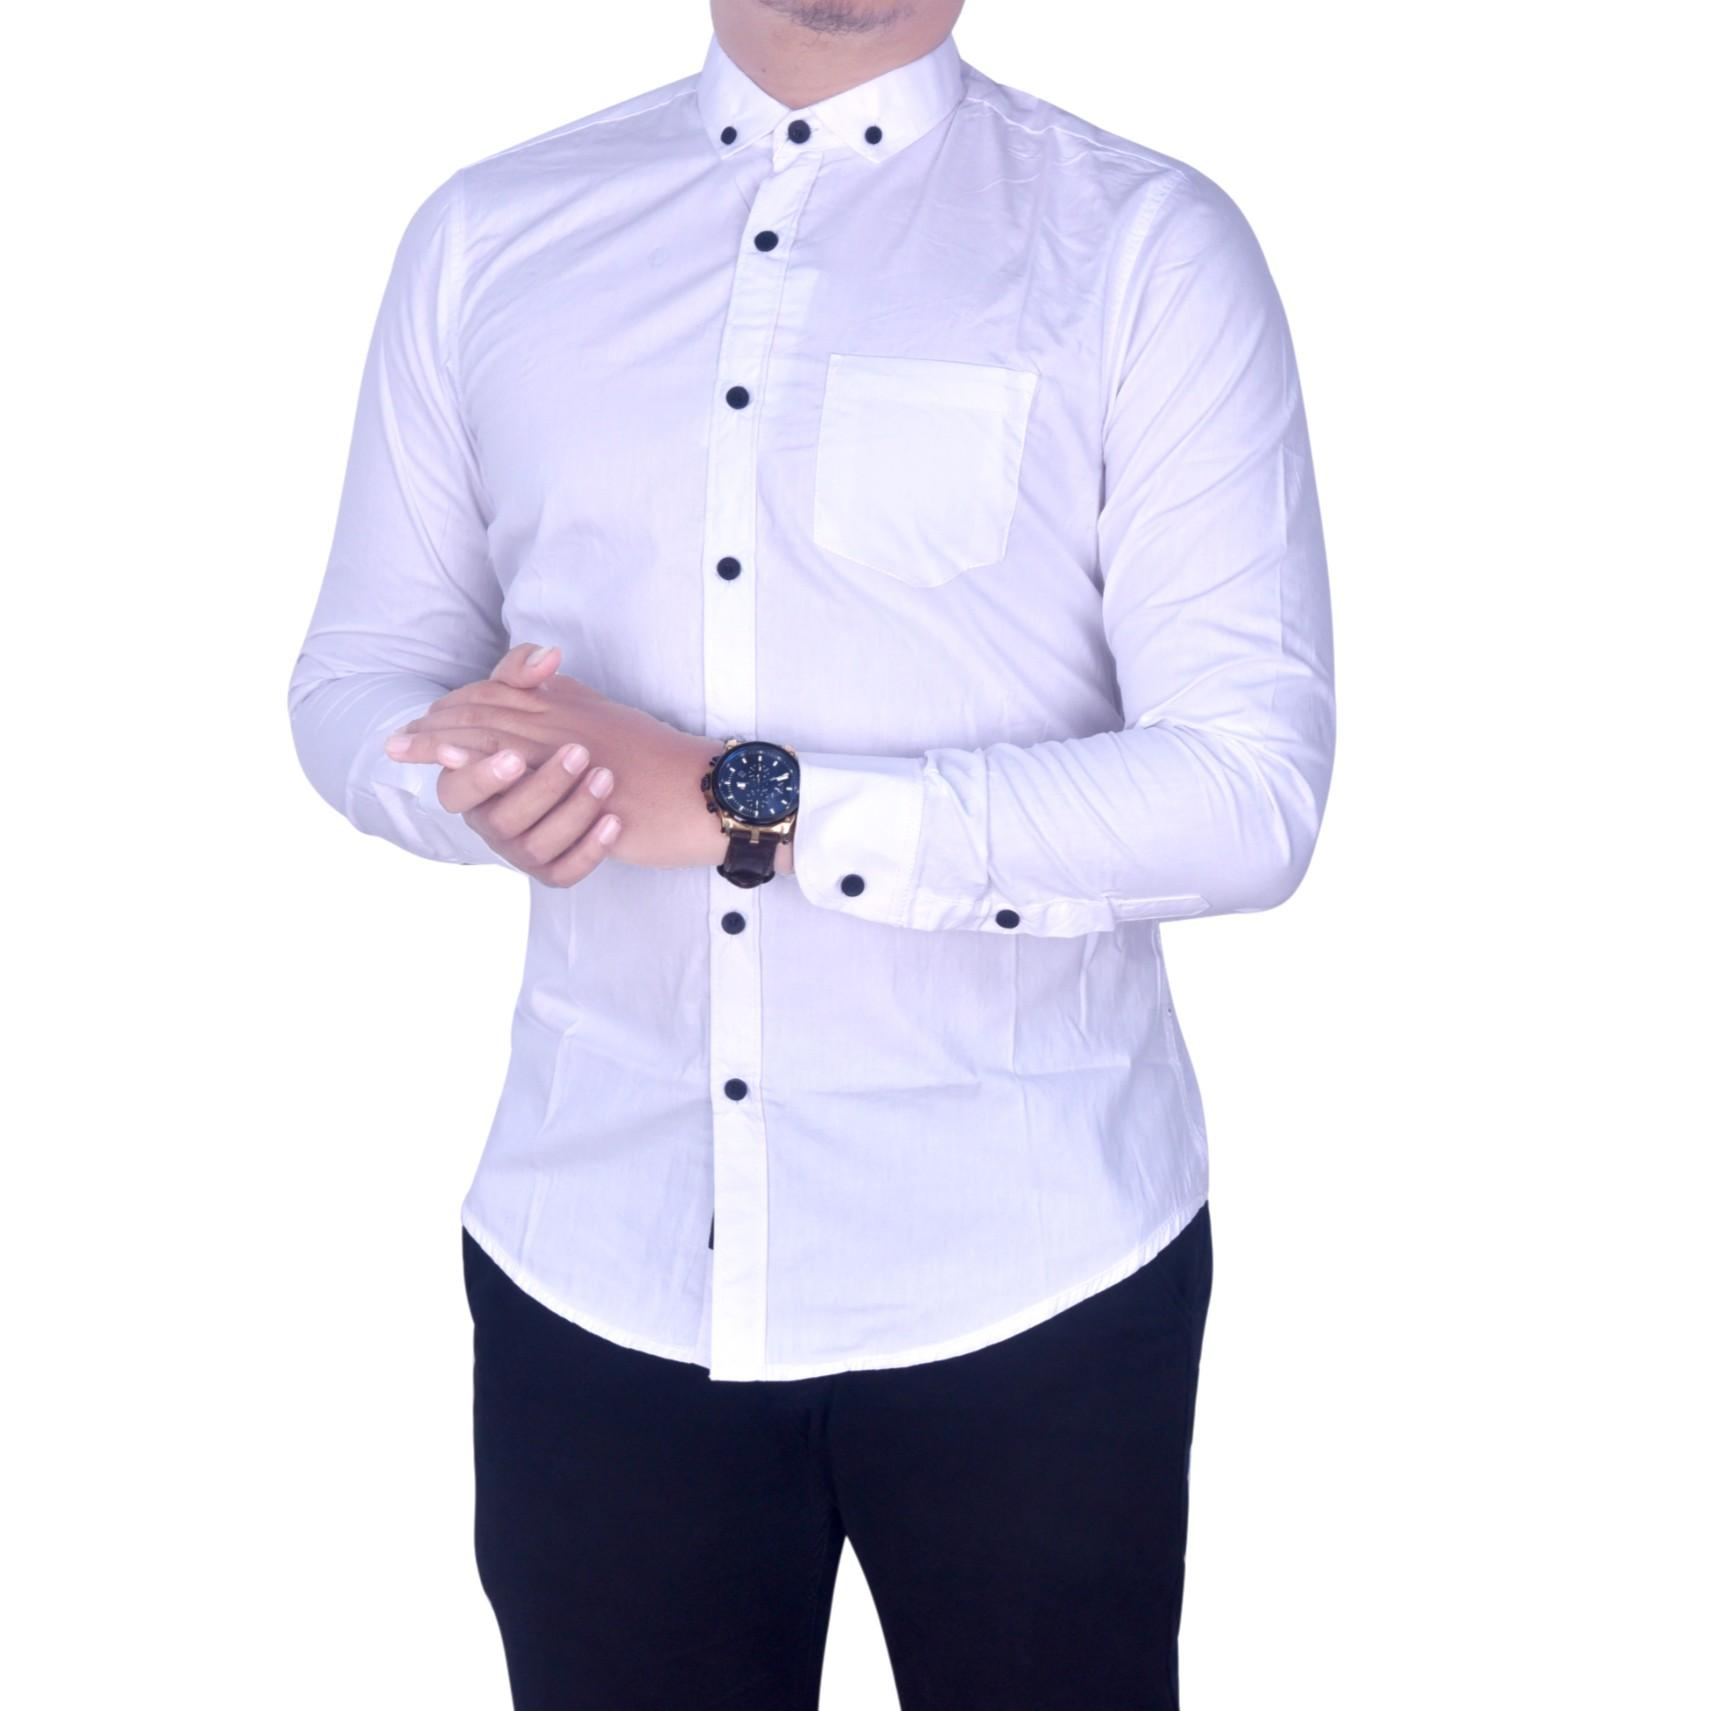 BSG_Fashion1 Kemeja Pria Lengan Panjang Putih Polos /Kemeja Batik Songket/Kemeja Songket/Kemeja Formal/Kemeja Flanel/Kemeja Pantai/Kemeja Casual/Kemeja Polos/Kemeja Tartan/Kemeja Pantai/Kemeja Distro/Kemeja Batik/Kemeja Man PS 4748 Putih - 3